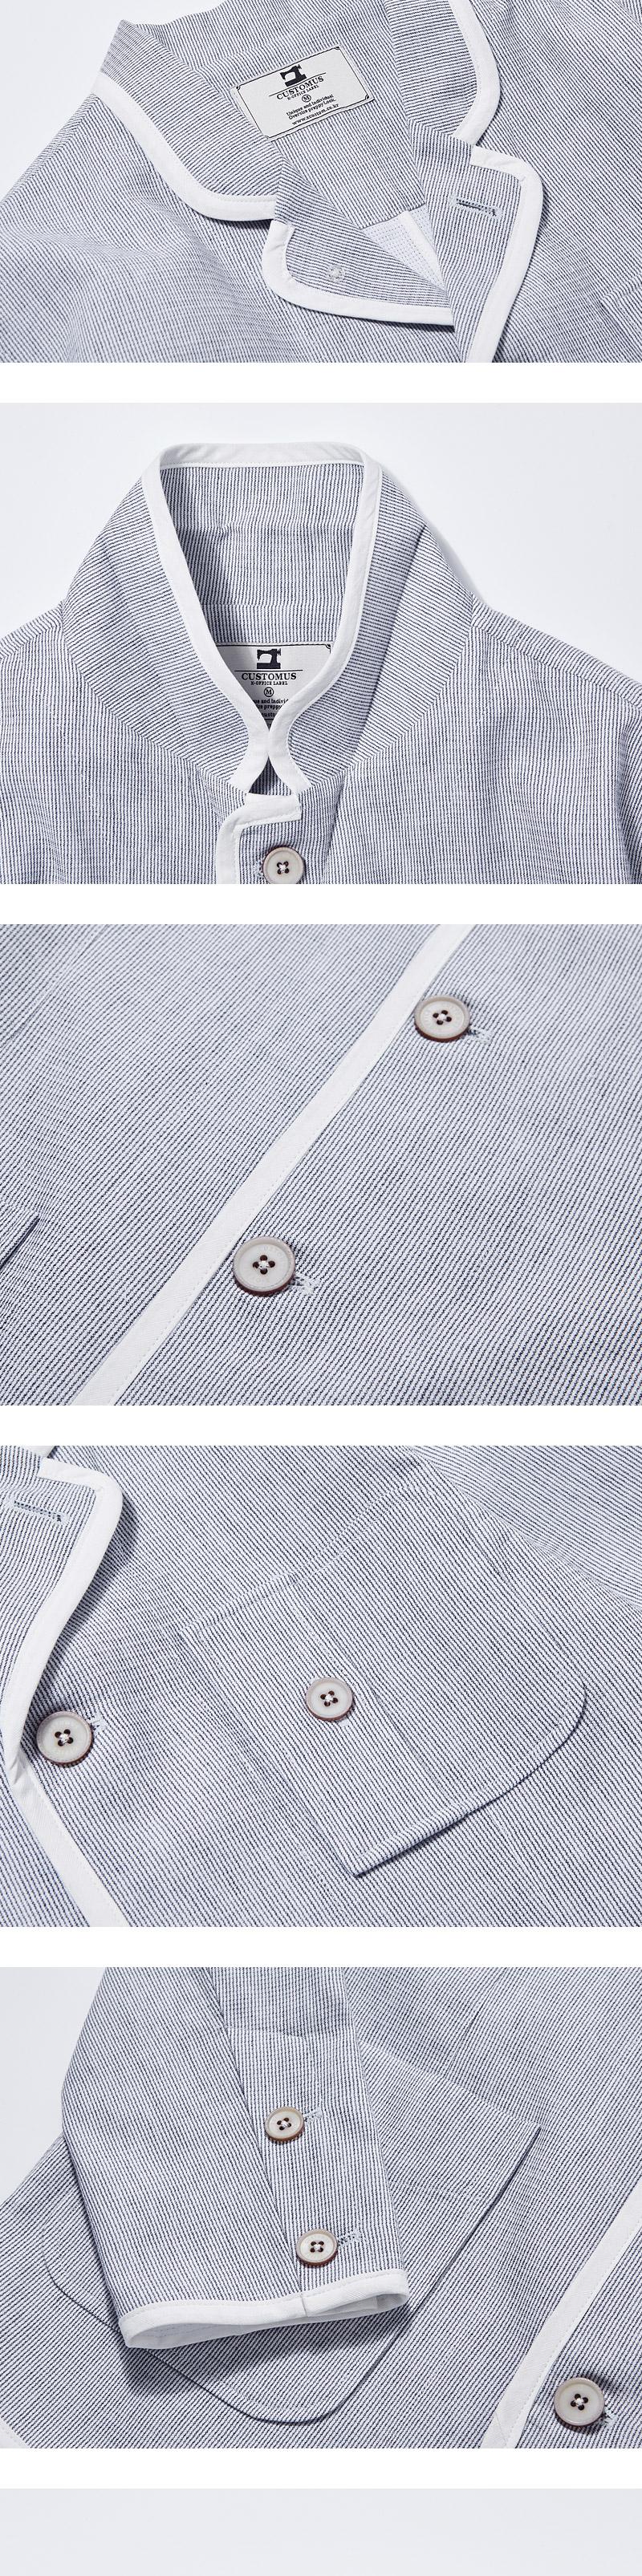 커스텀어스 바인딩 셔츠 자켓 (화이트)